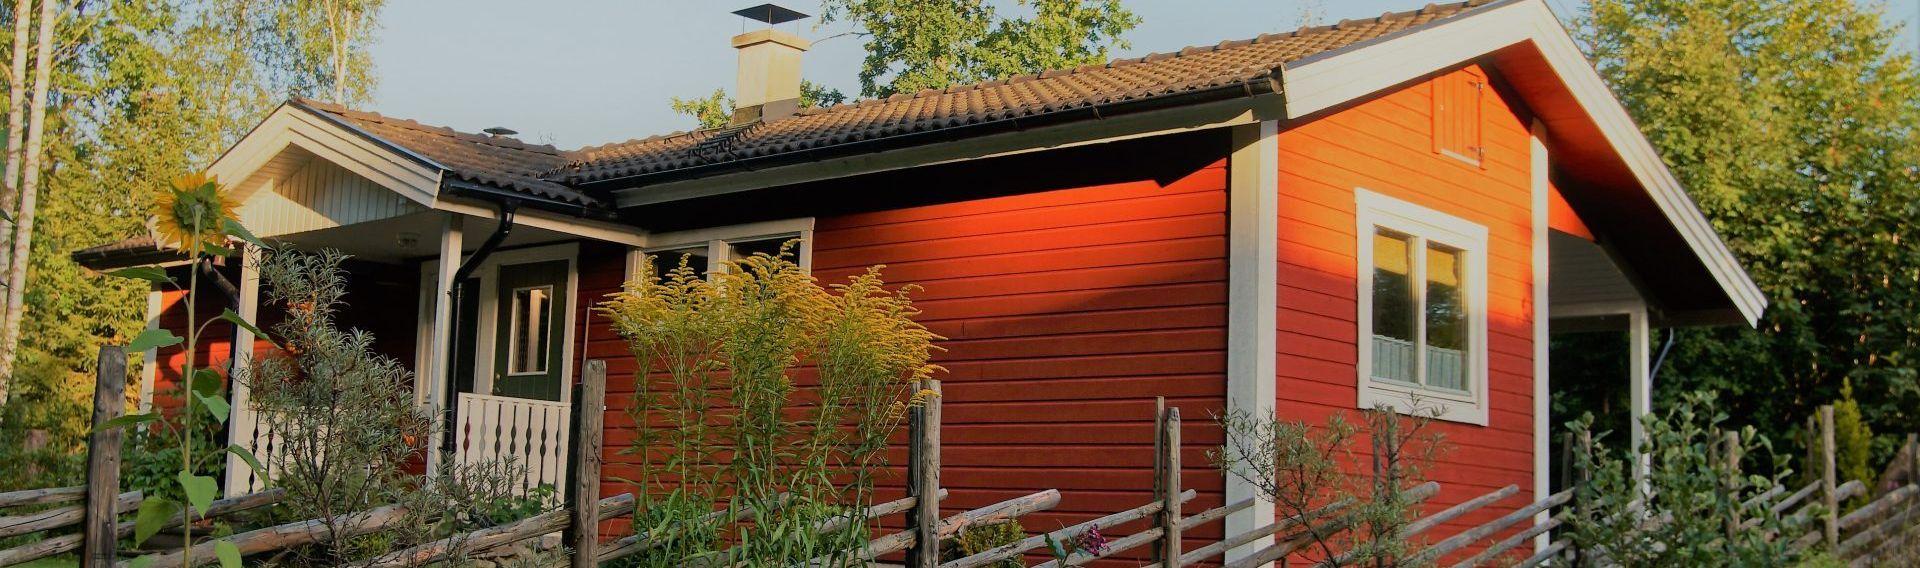 Wohlfühl-Ferienhaus Hubi in Südschweden mit Hund